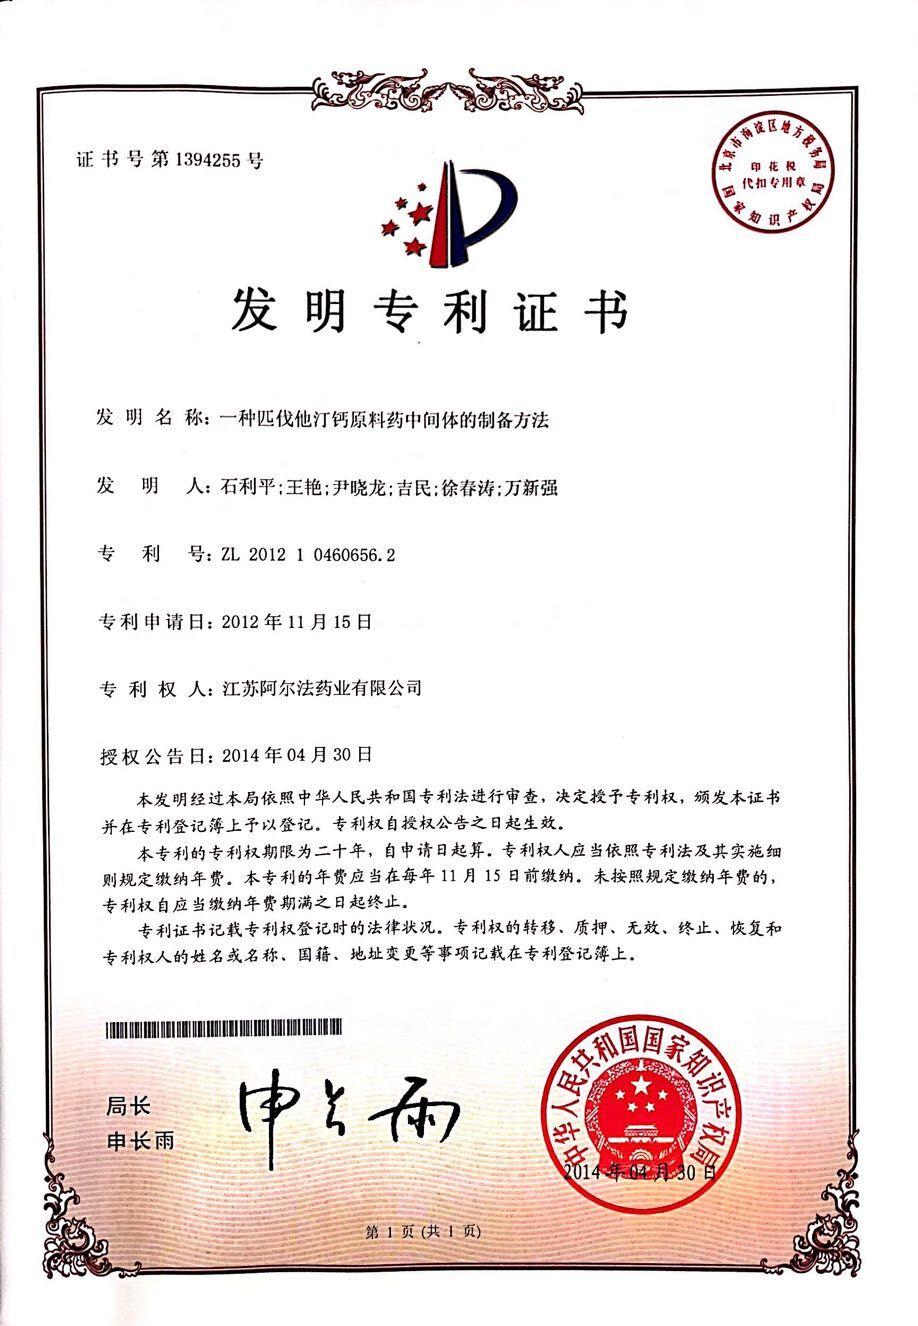 榮譽-專利-4.一種匹伐他汀鈣原料藥中間的制備方法